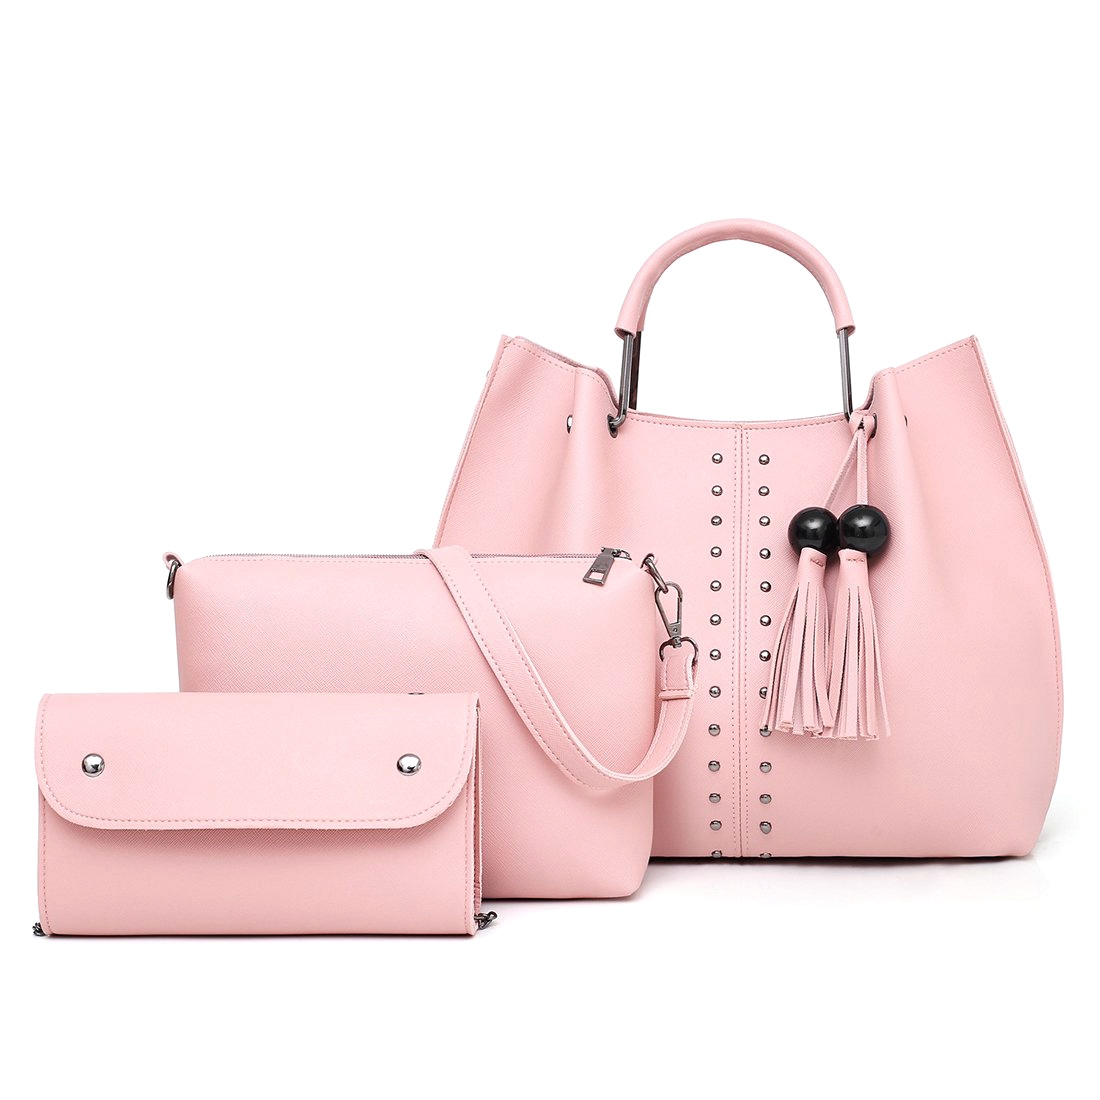 Orderly Ljl-tassel Handbag For Women Pu Leather Shoulder Bag Tote Satchel 3 Pcs Purse With Zipper Rivet Save 50-70% Shoulder Bags Luggage & Bags